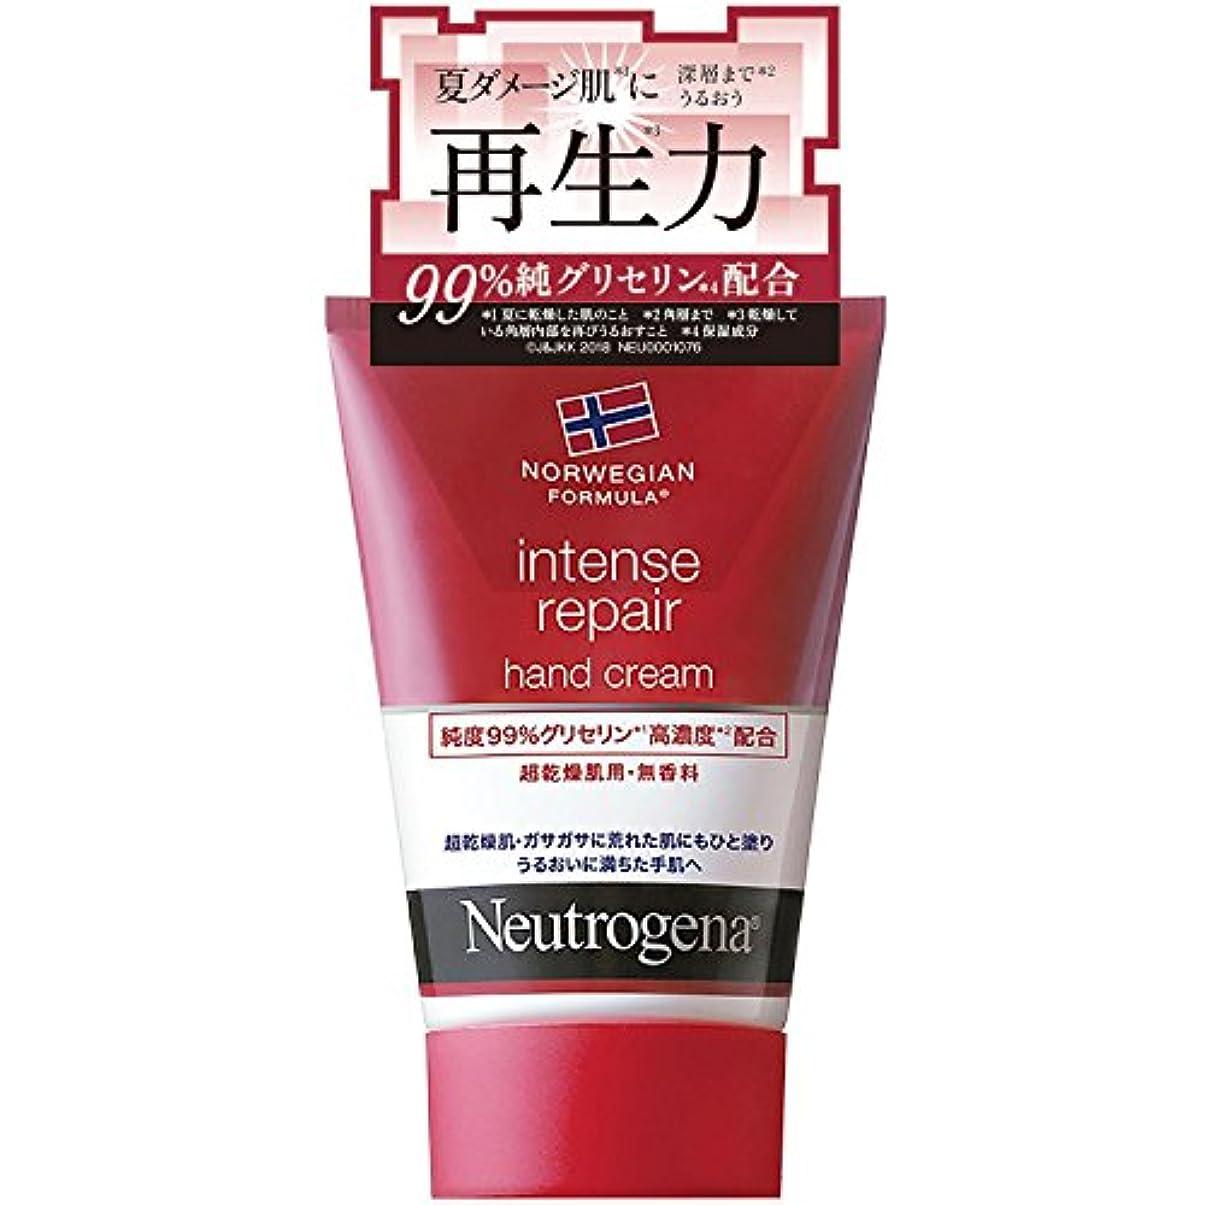 わがまま名声フリッパーNeutrogena(ニュートロジーナ) ノルウェーフォーミュラ インテンスリペア ハンドクリーム 超乾燥肌用 無香料 単品 50g